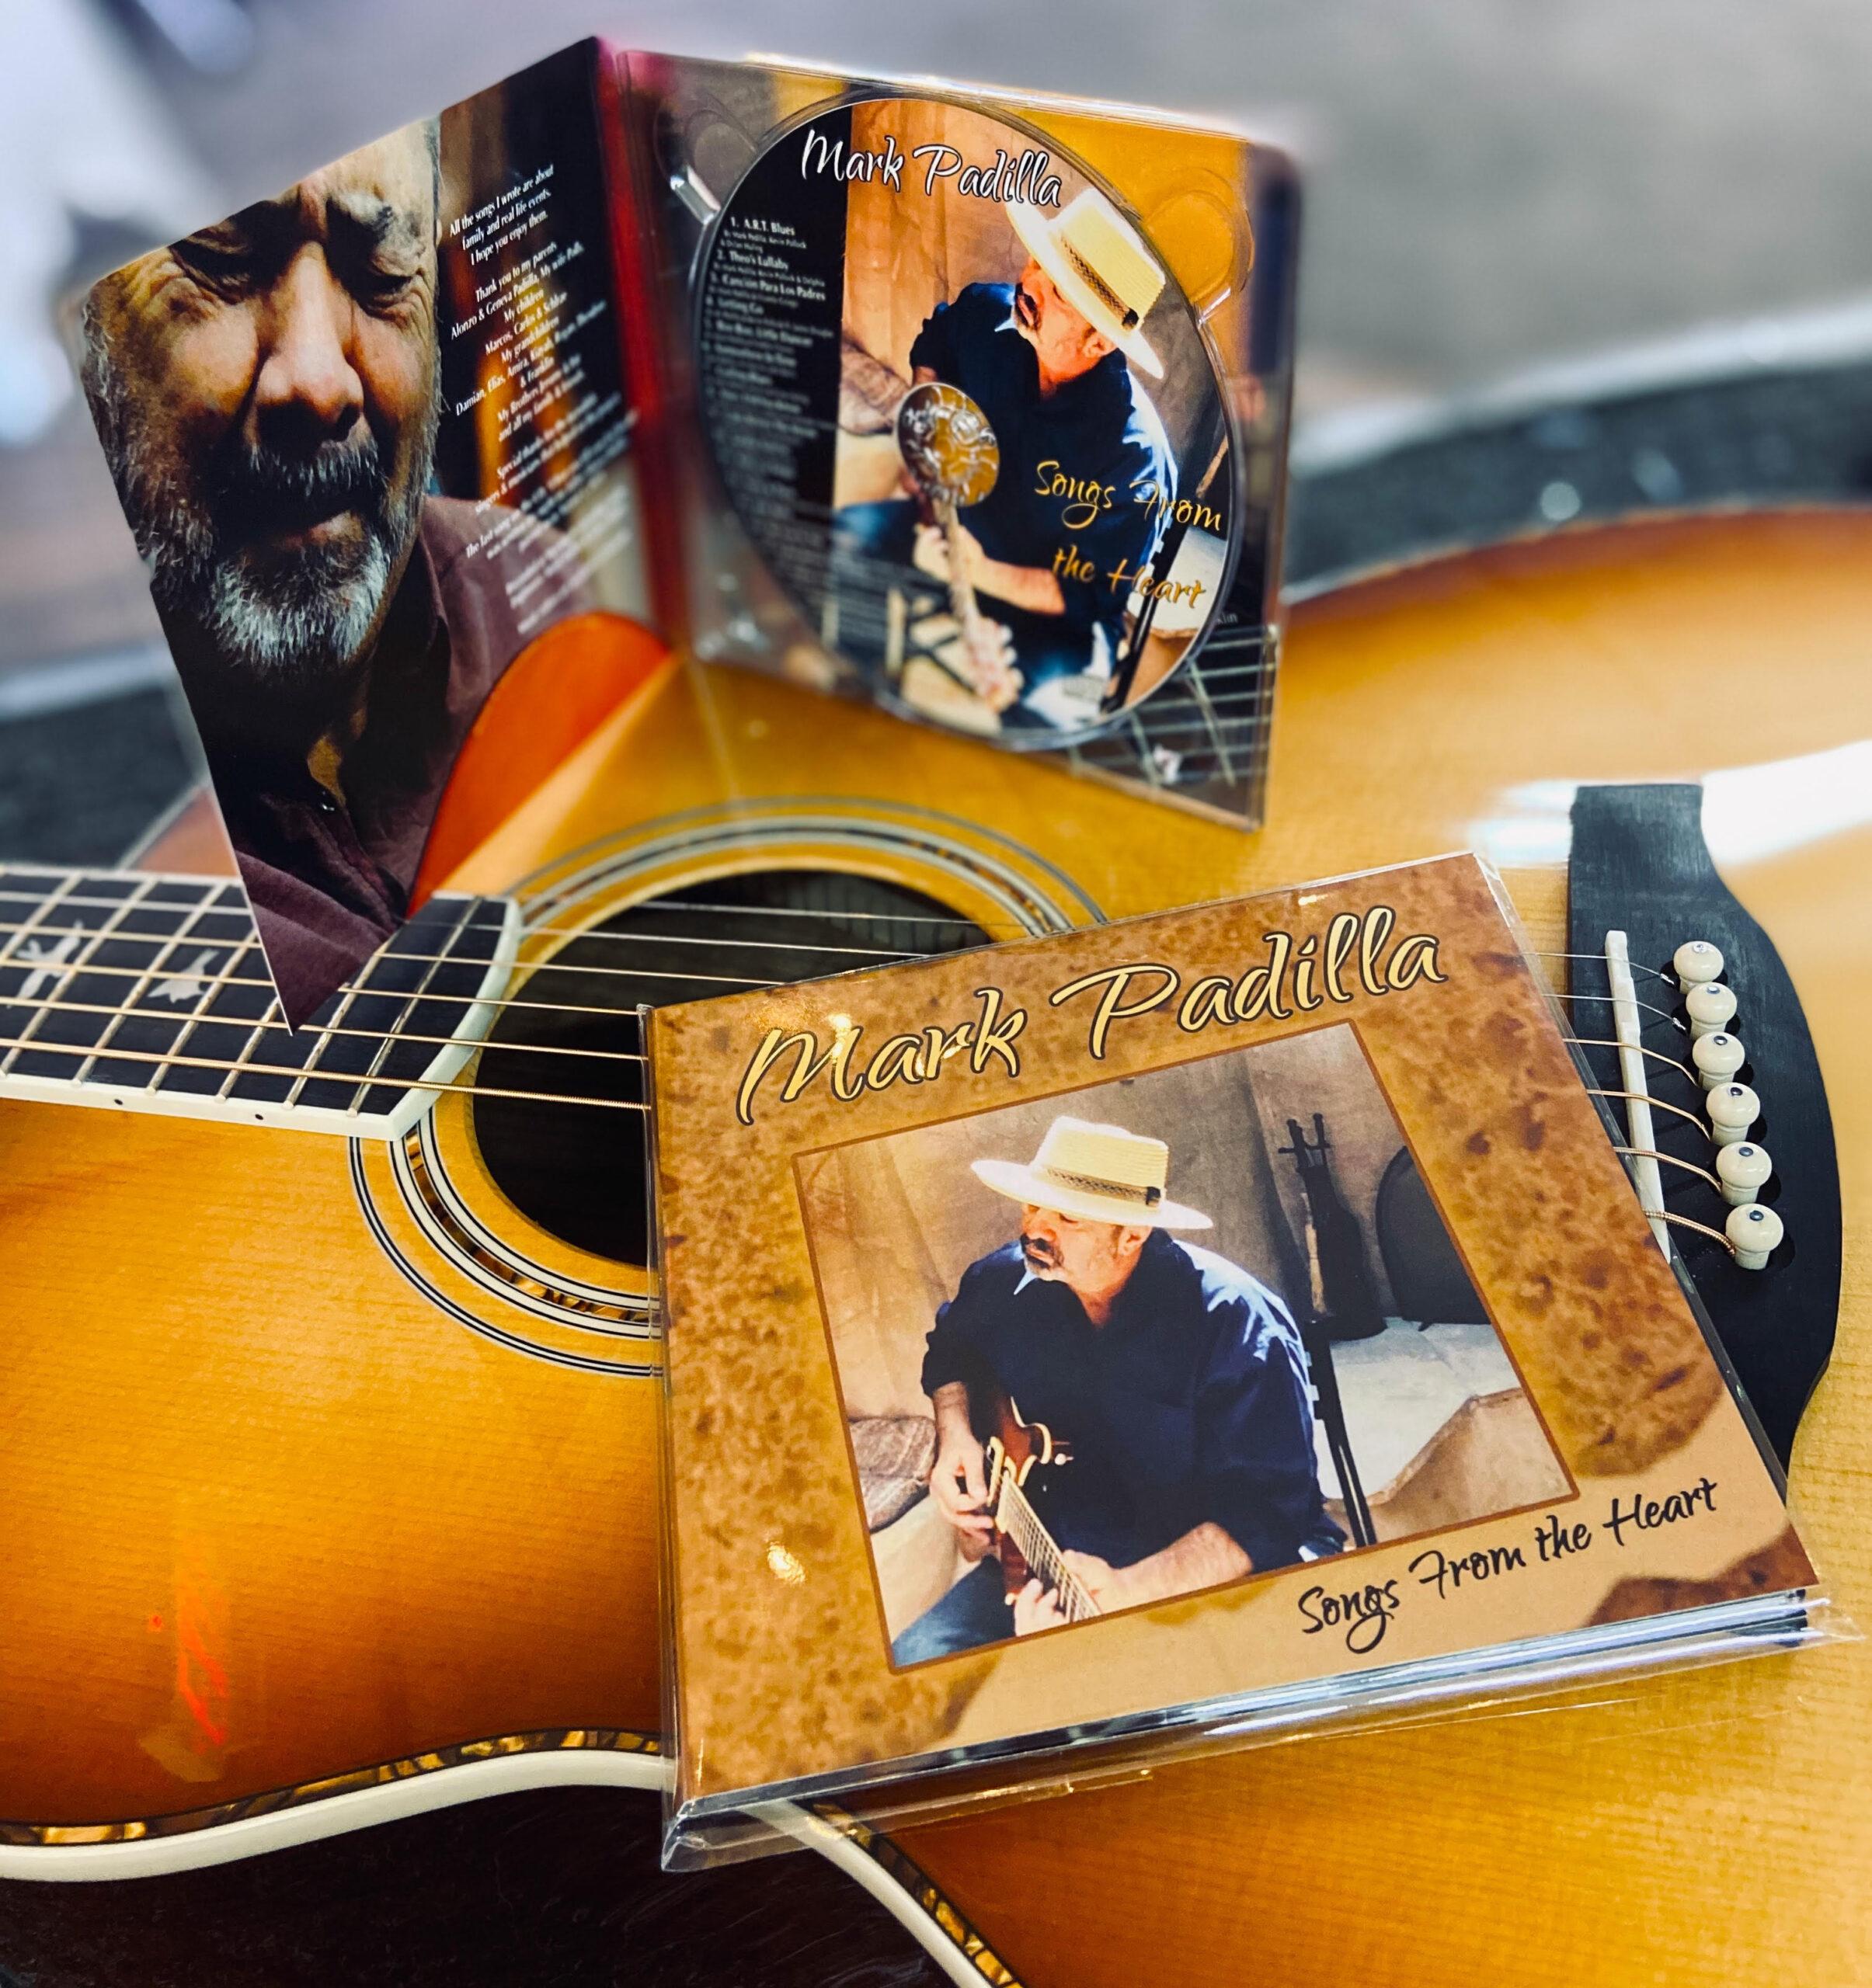 Mark Padilla's CD Songs from the Heart